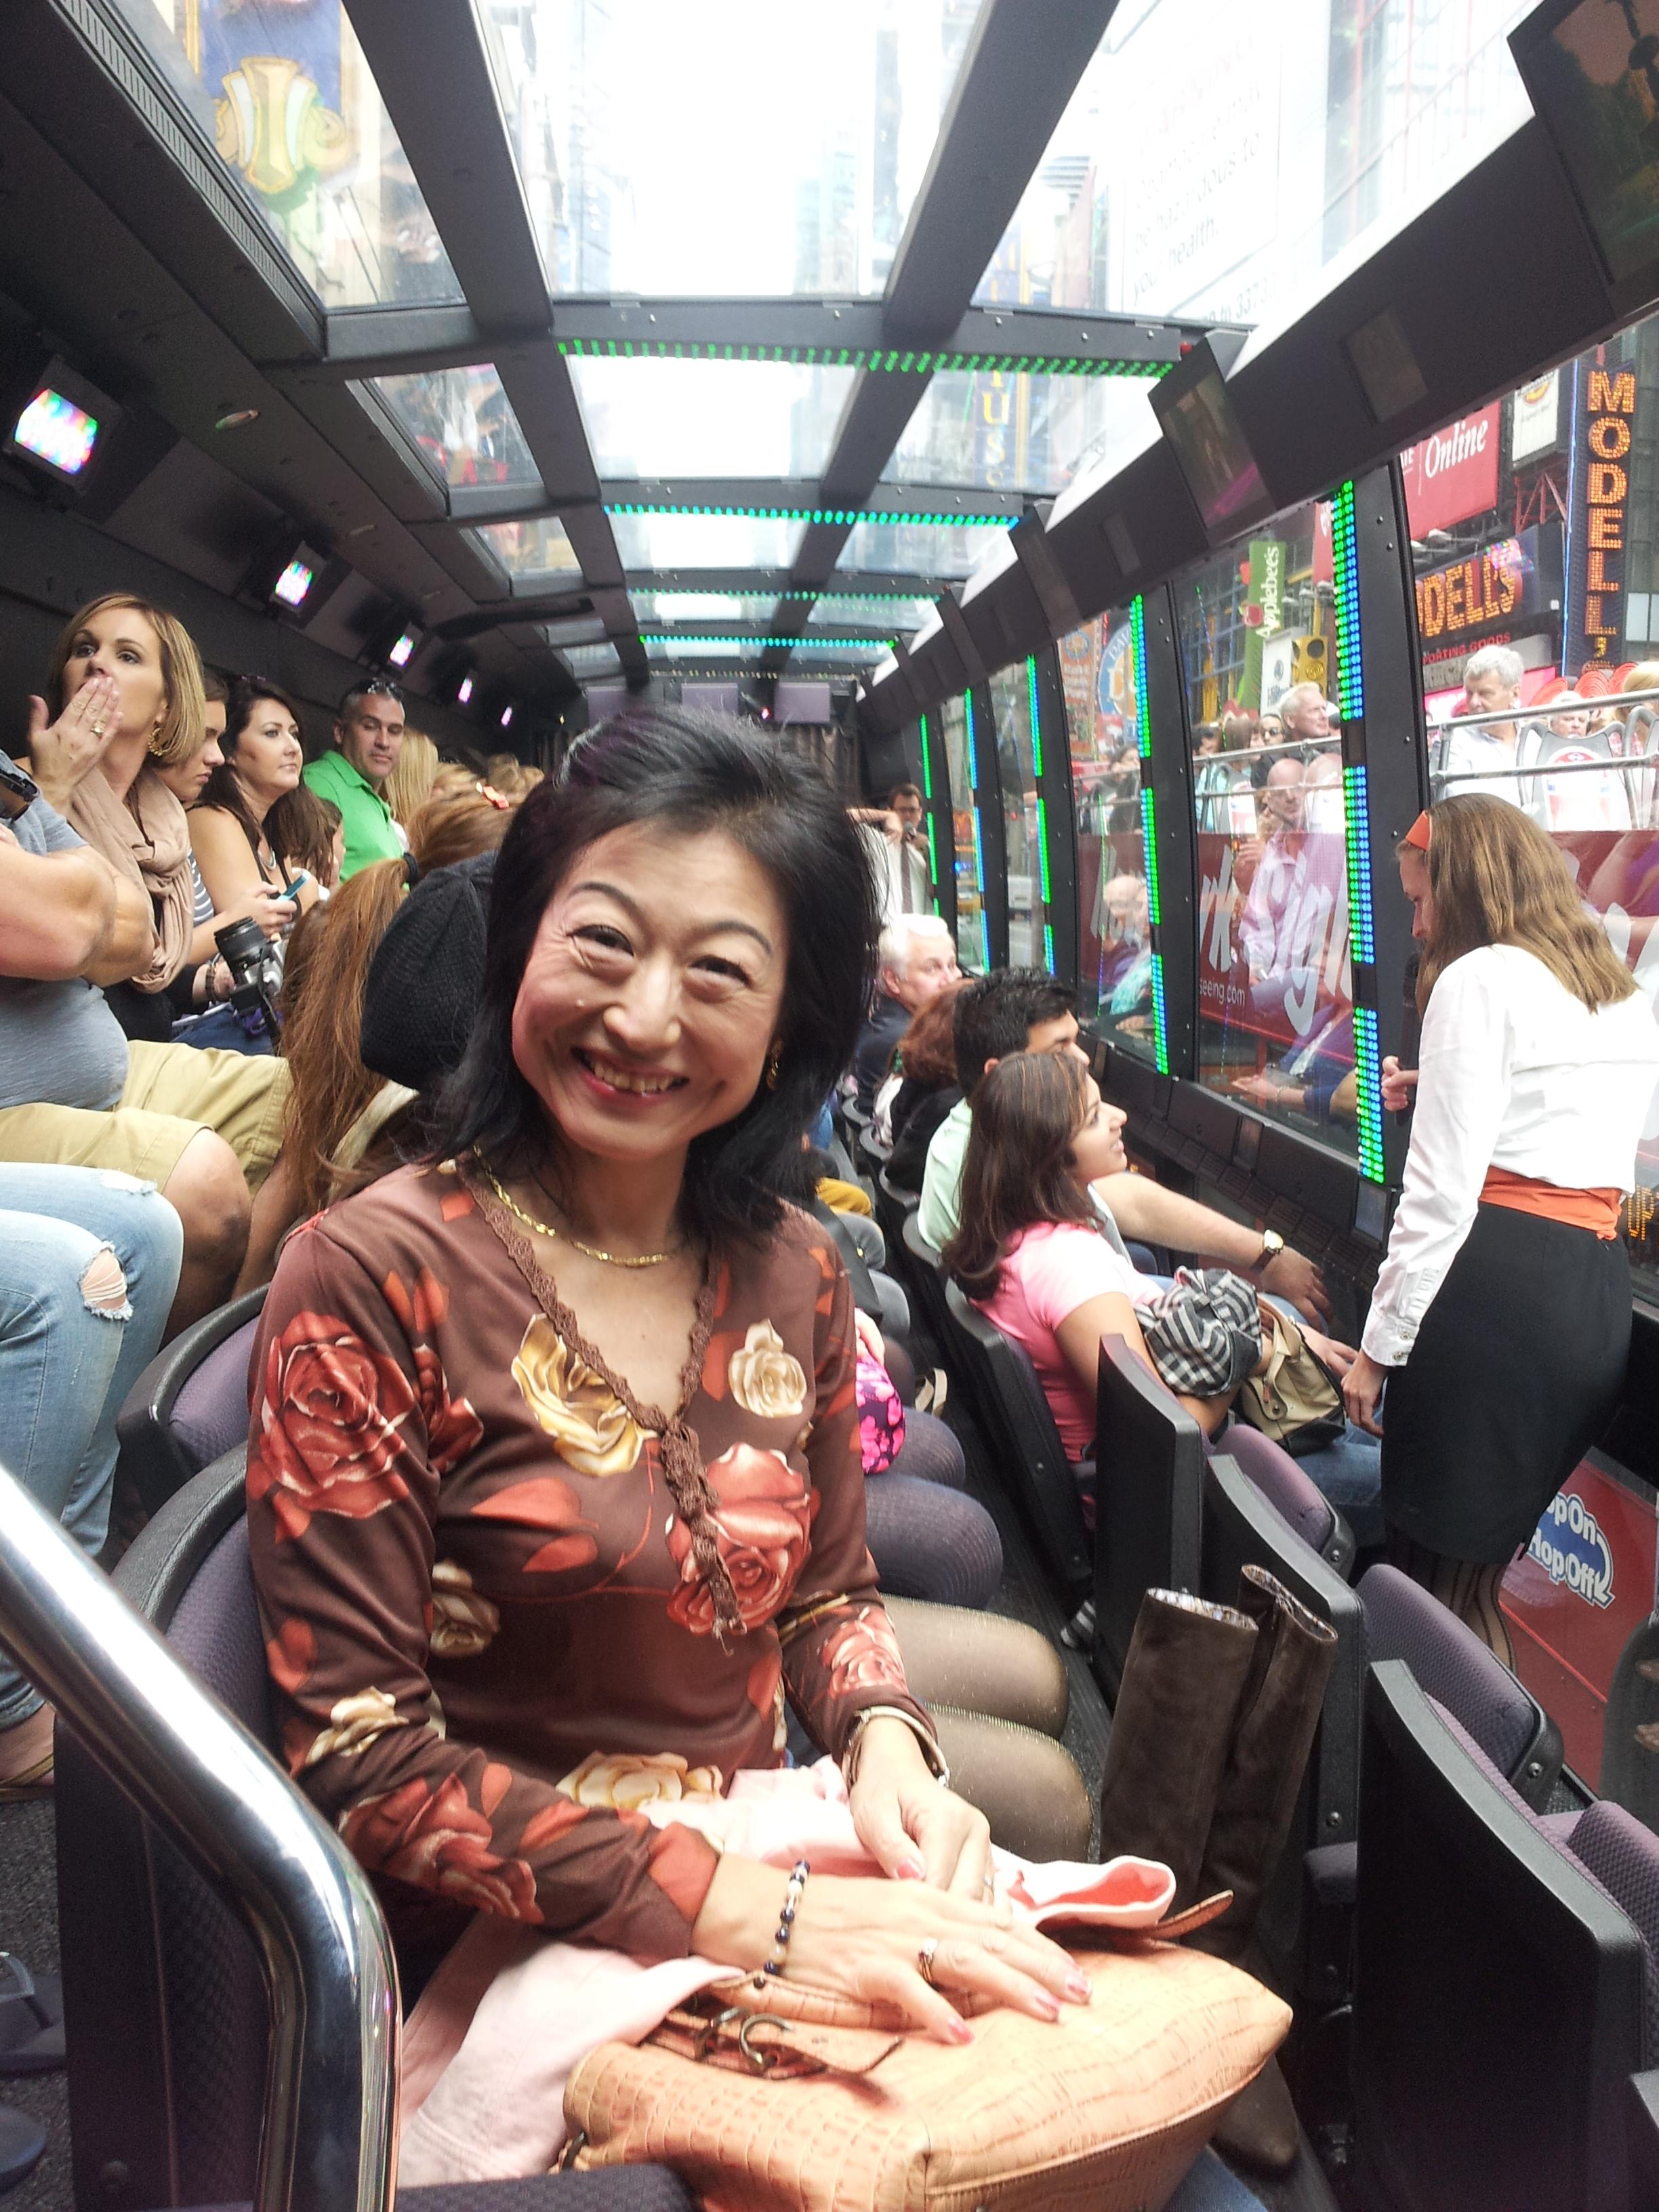 オールジャパンで日本を変える国家プロジェクト「トビタテ!留学JAPAN」